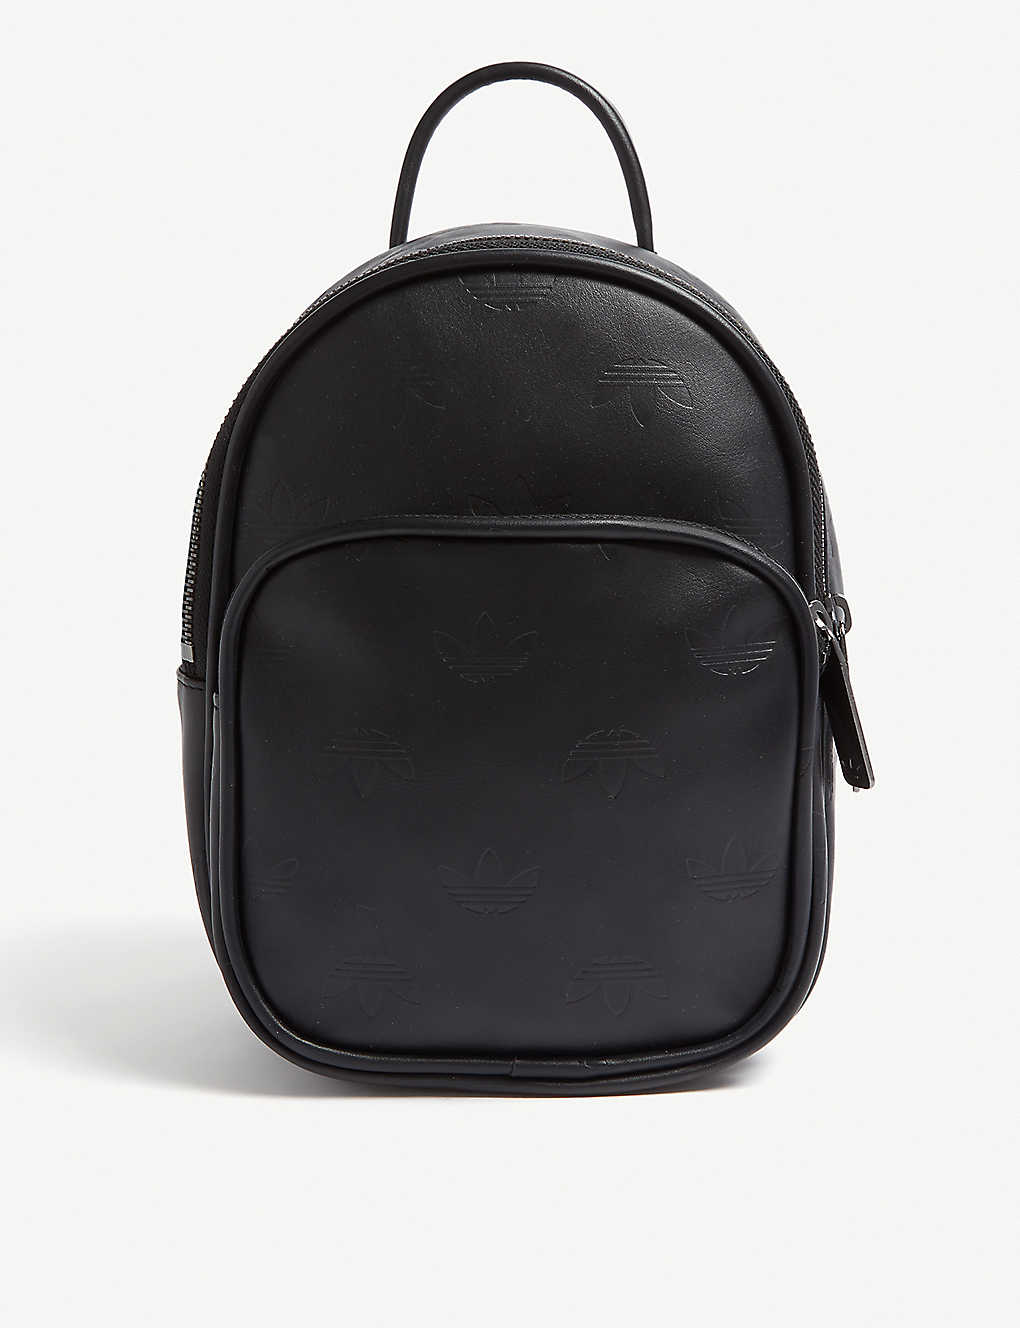 84657ec0540c ADIDAS ORIGINALS - Embossed logo mini leather backpack